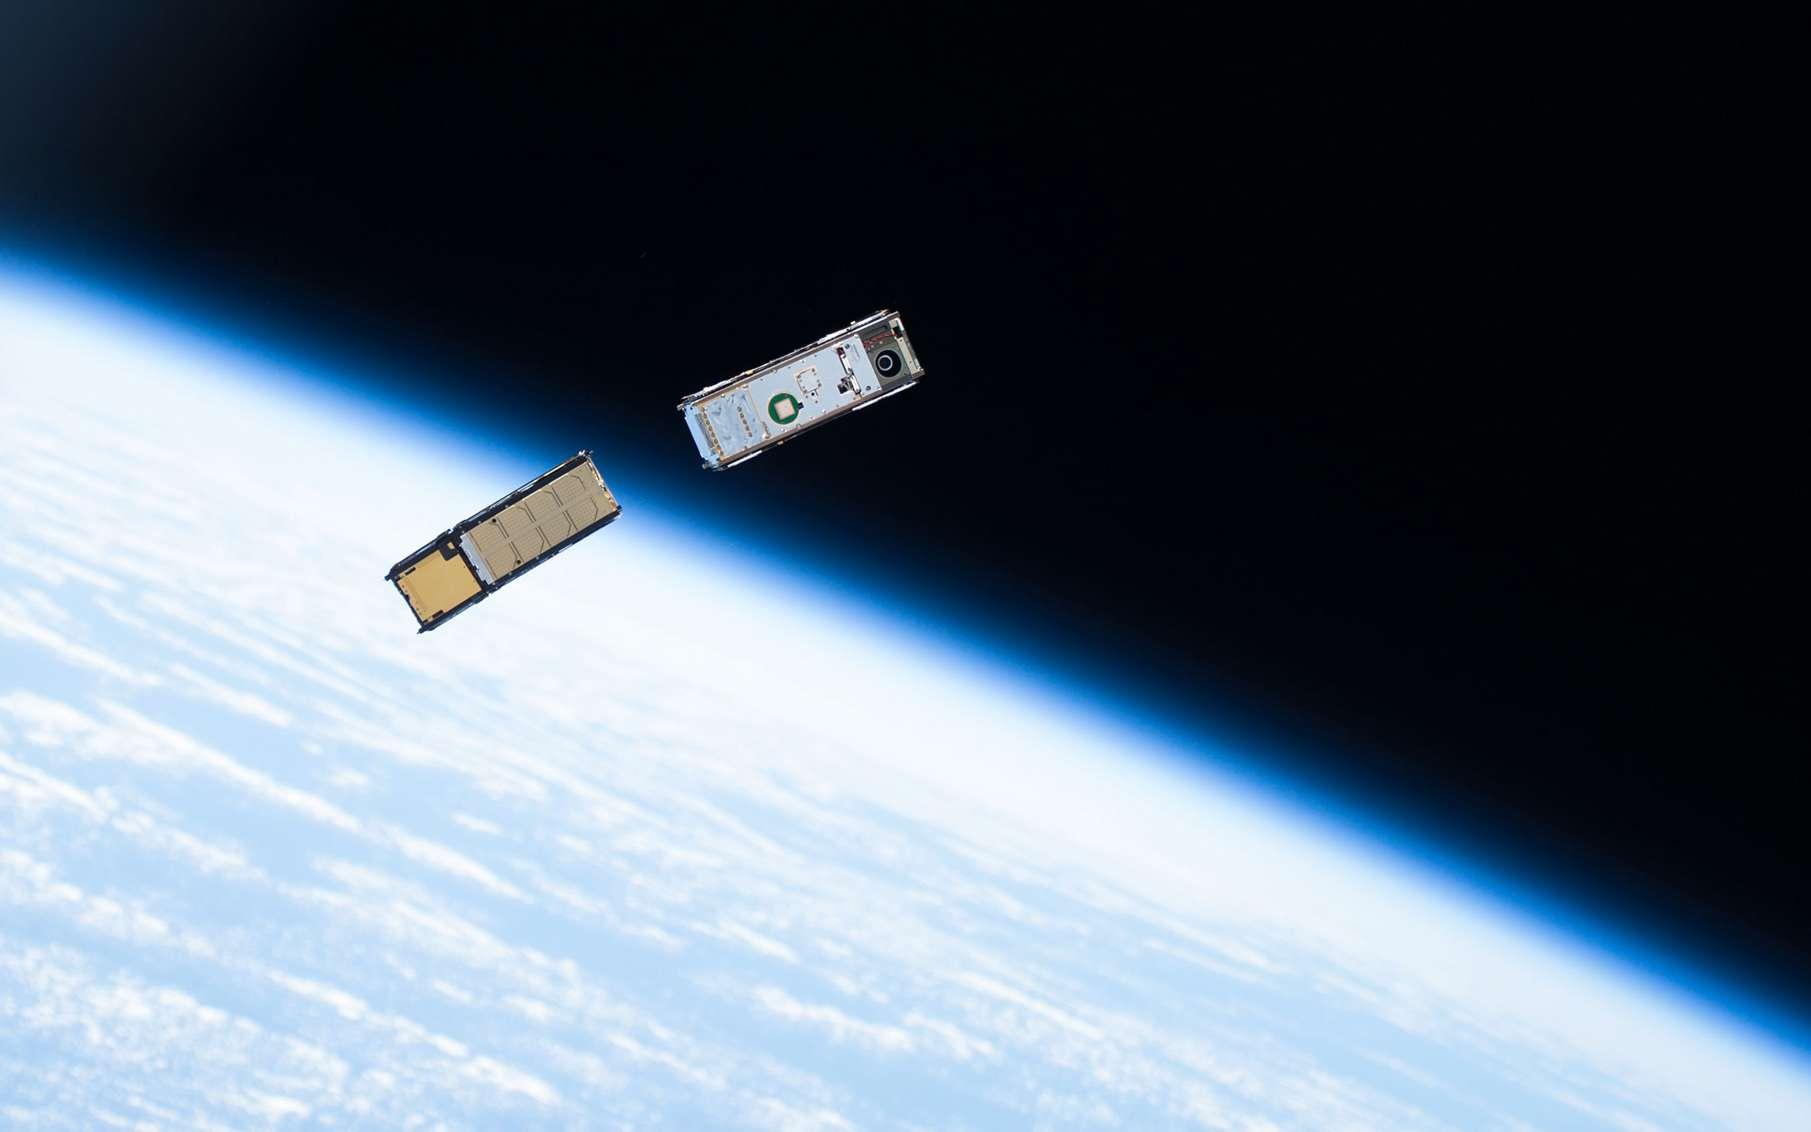 ELO est un minisatellite pour l'Internet des objets partout sur Terre. Ici, un CubeSat d'observation de la Terre lancé depuis la Station spatiale internationale (ISS). © Nasa